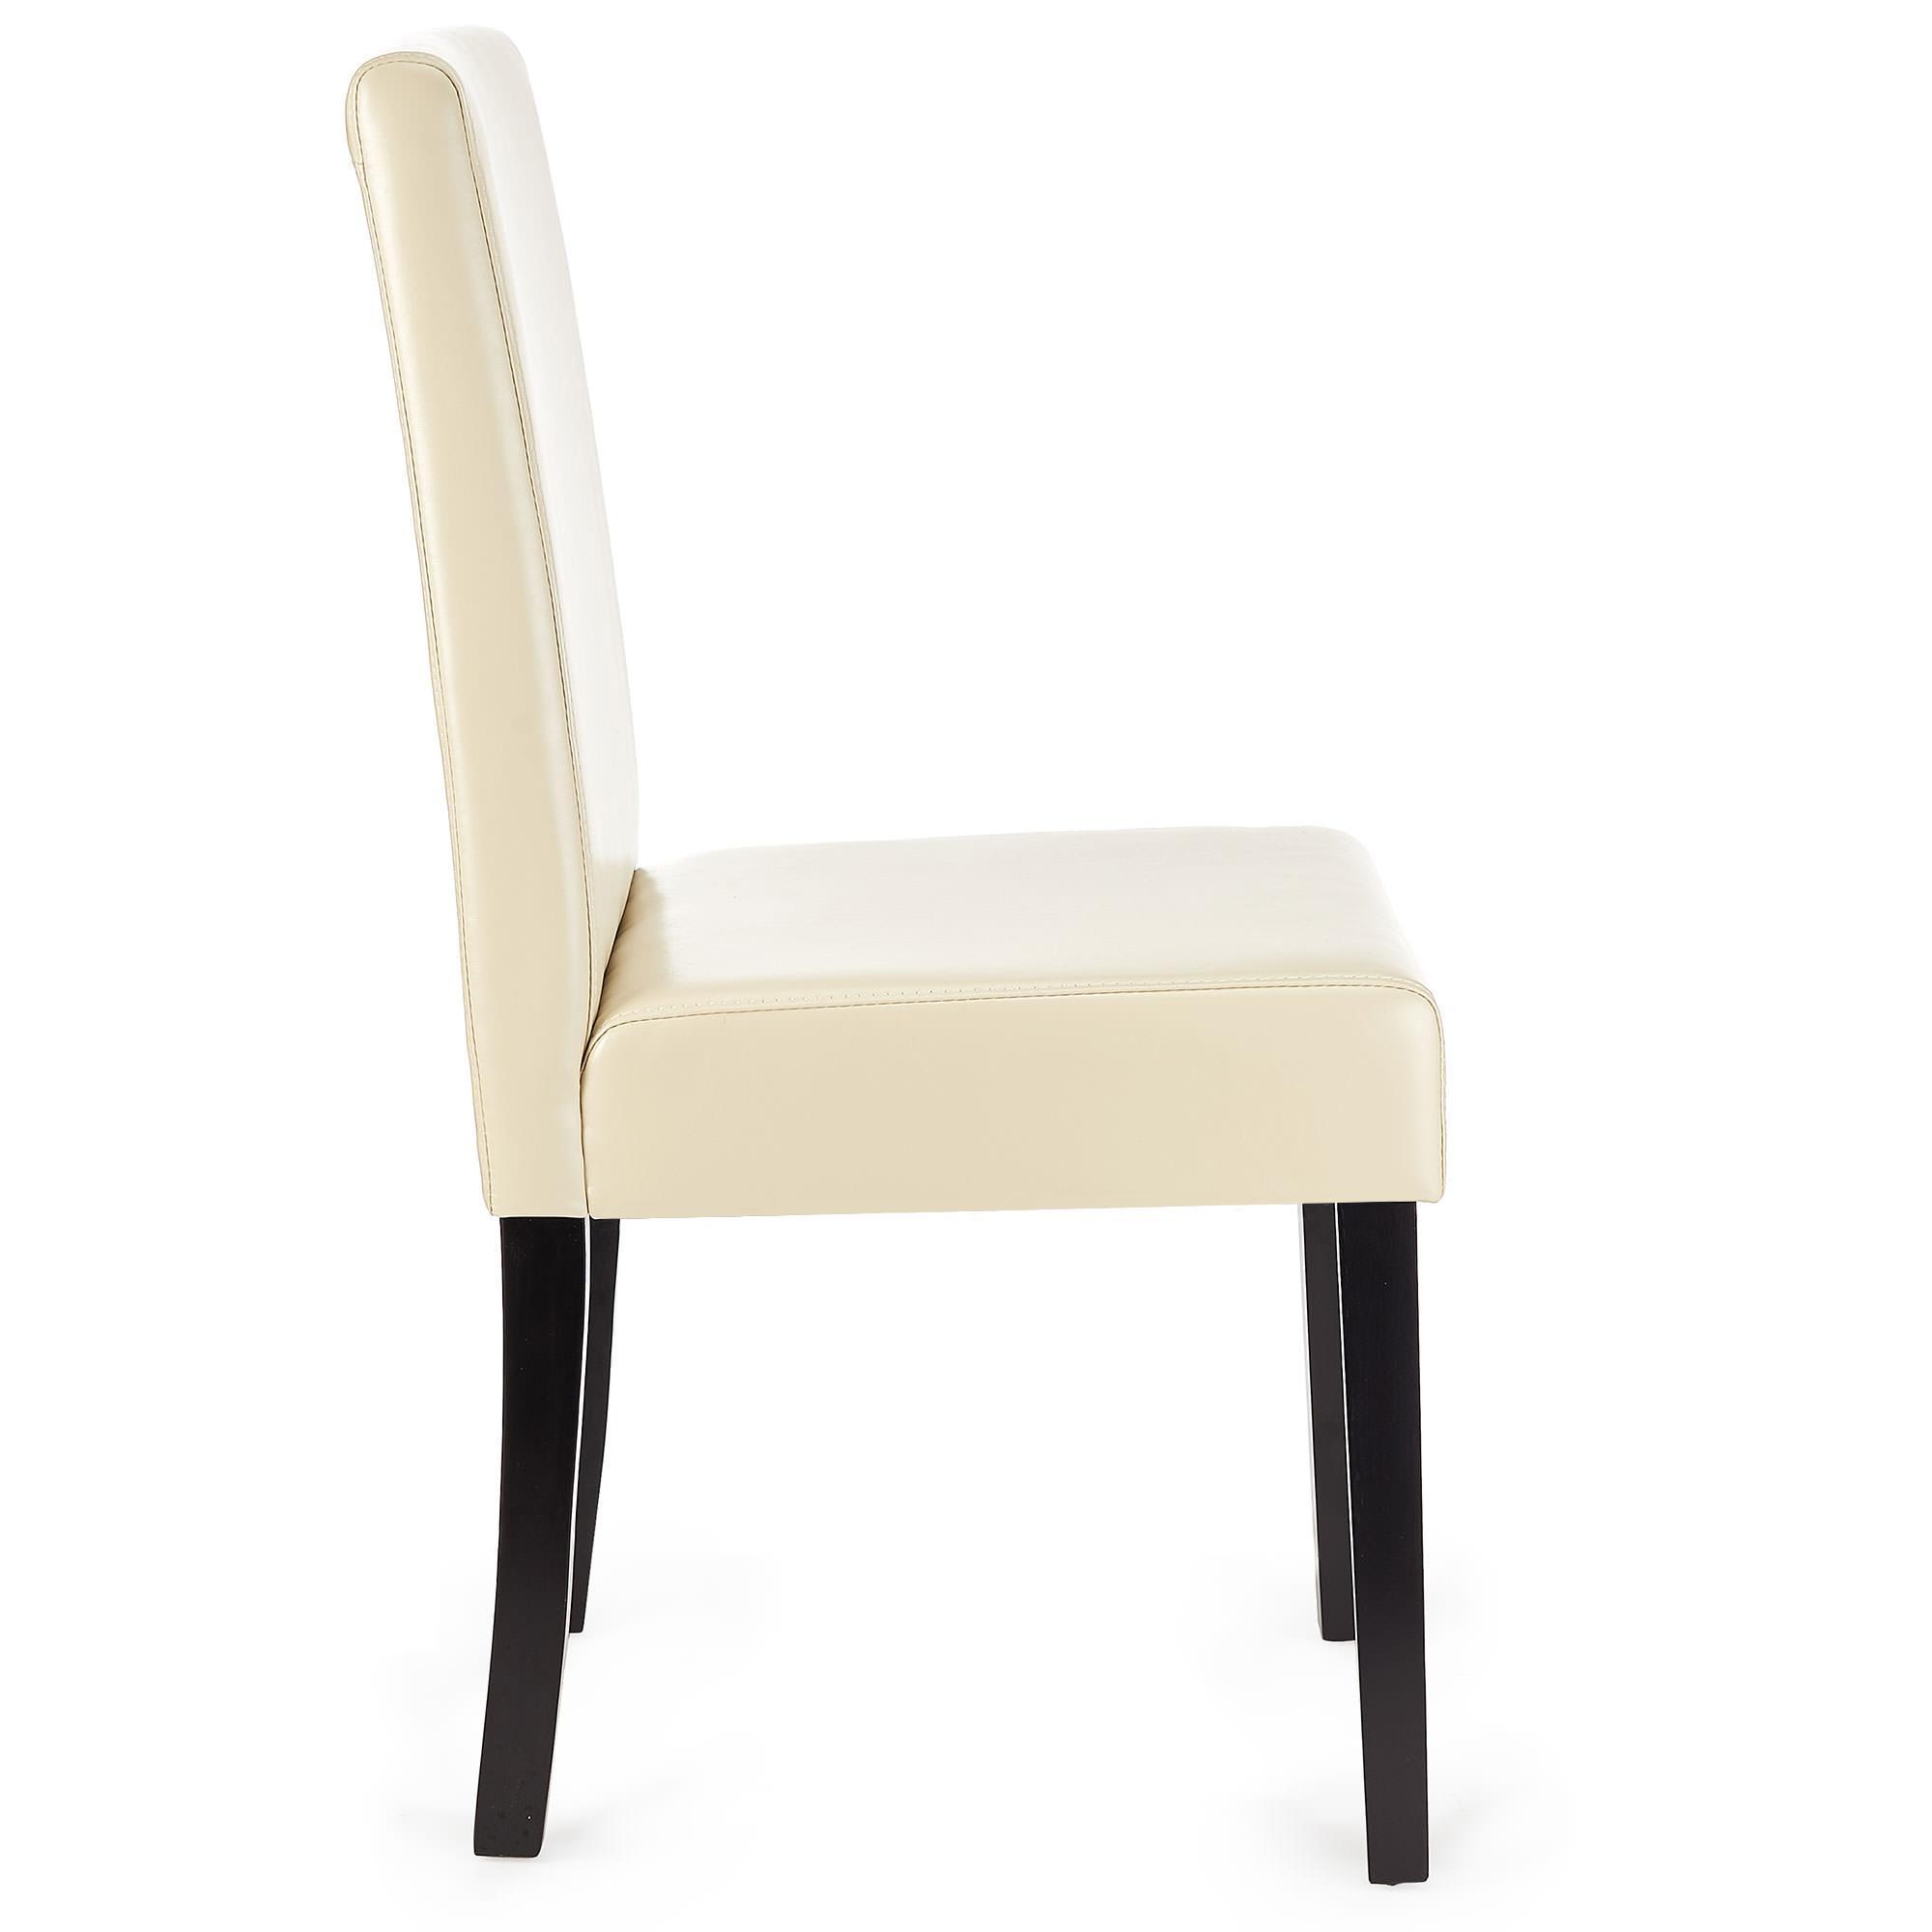 Lote 6 sillas m01 madera y polipiel crema patas oscuras for Sillas de cuero para comedor